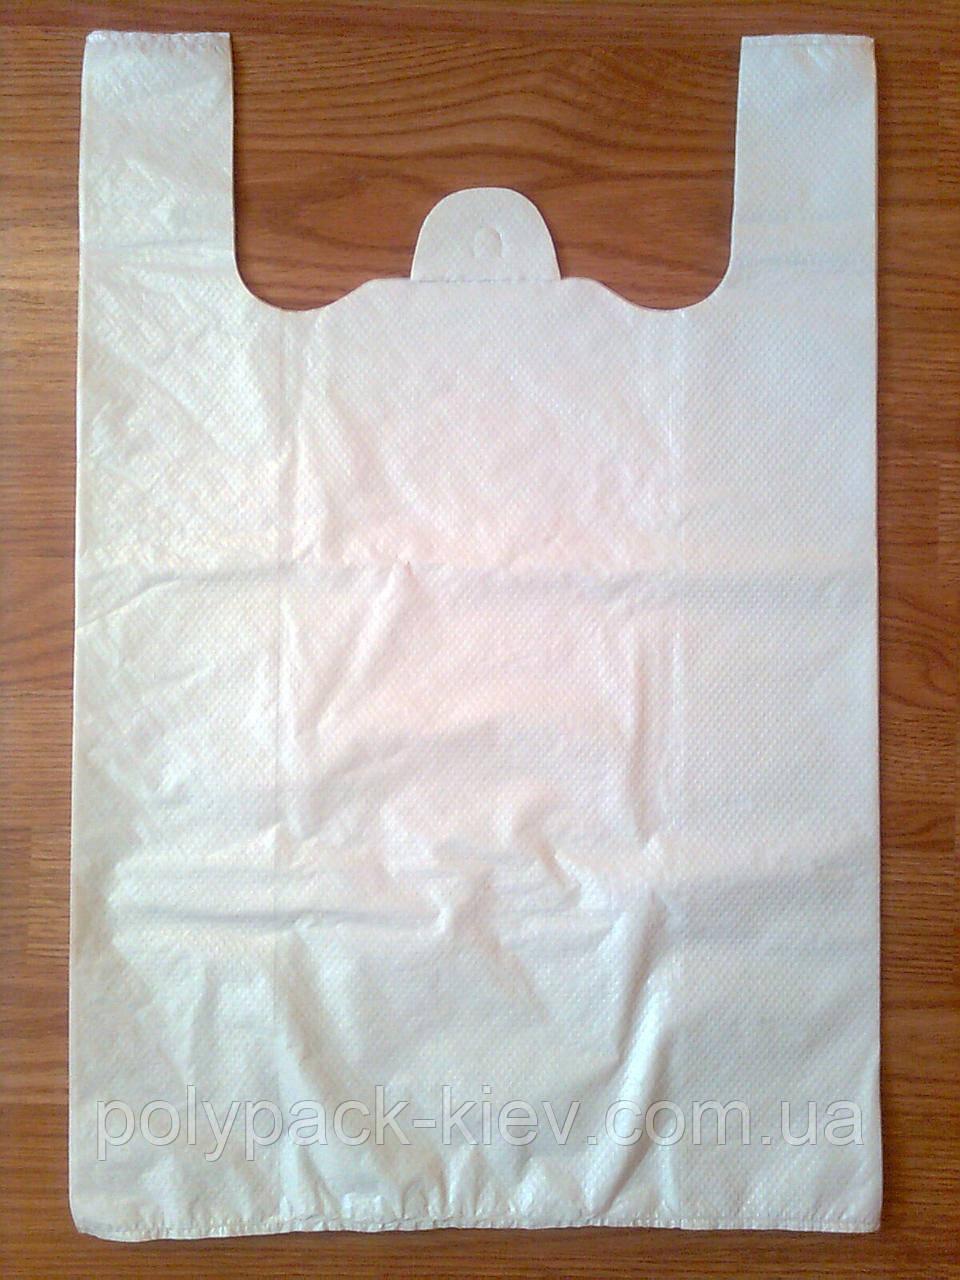 Белые пакеты-майка 38х57 см/35 мкм без логотипа, полиэтиленовый пакет белый без печати купить со склада